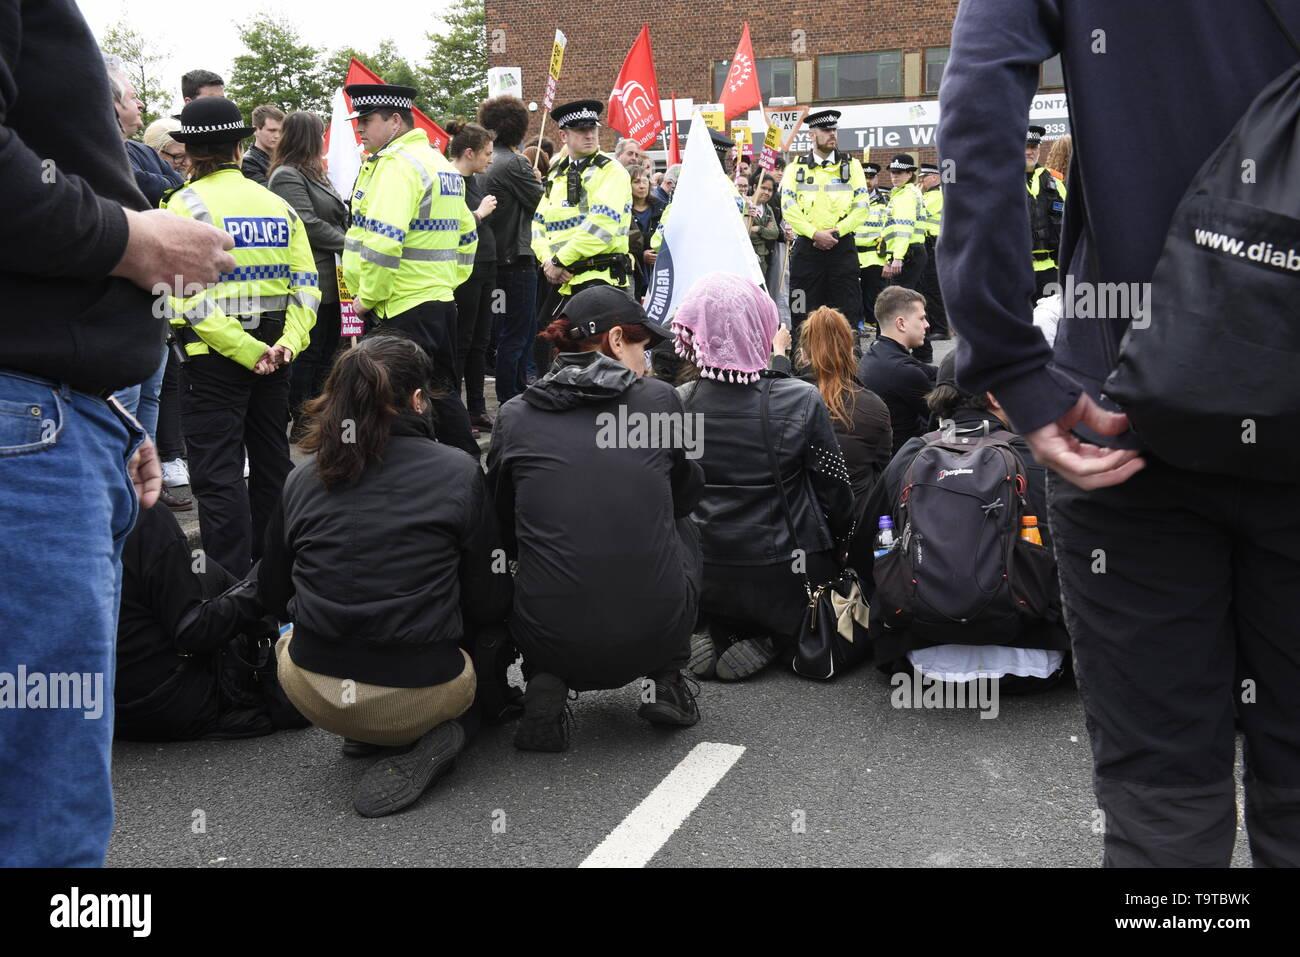 Commencer un anti-fasciste s'asseoir protester contre le rassemblement politique. Les partisans de la police conservés et contre-manifestants à part mais se sont heurtés à des contre-manifestants avant l'arrivée de Tommy Robinson. Crédit David J Colbran Photo Stock